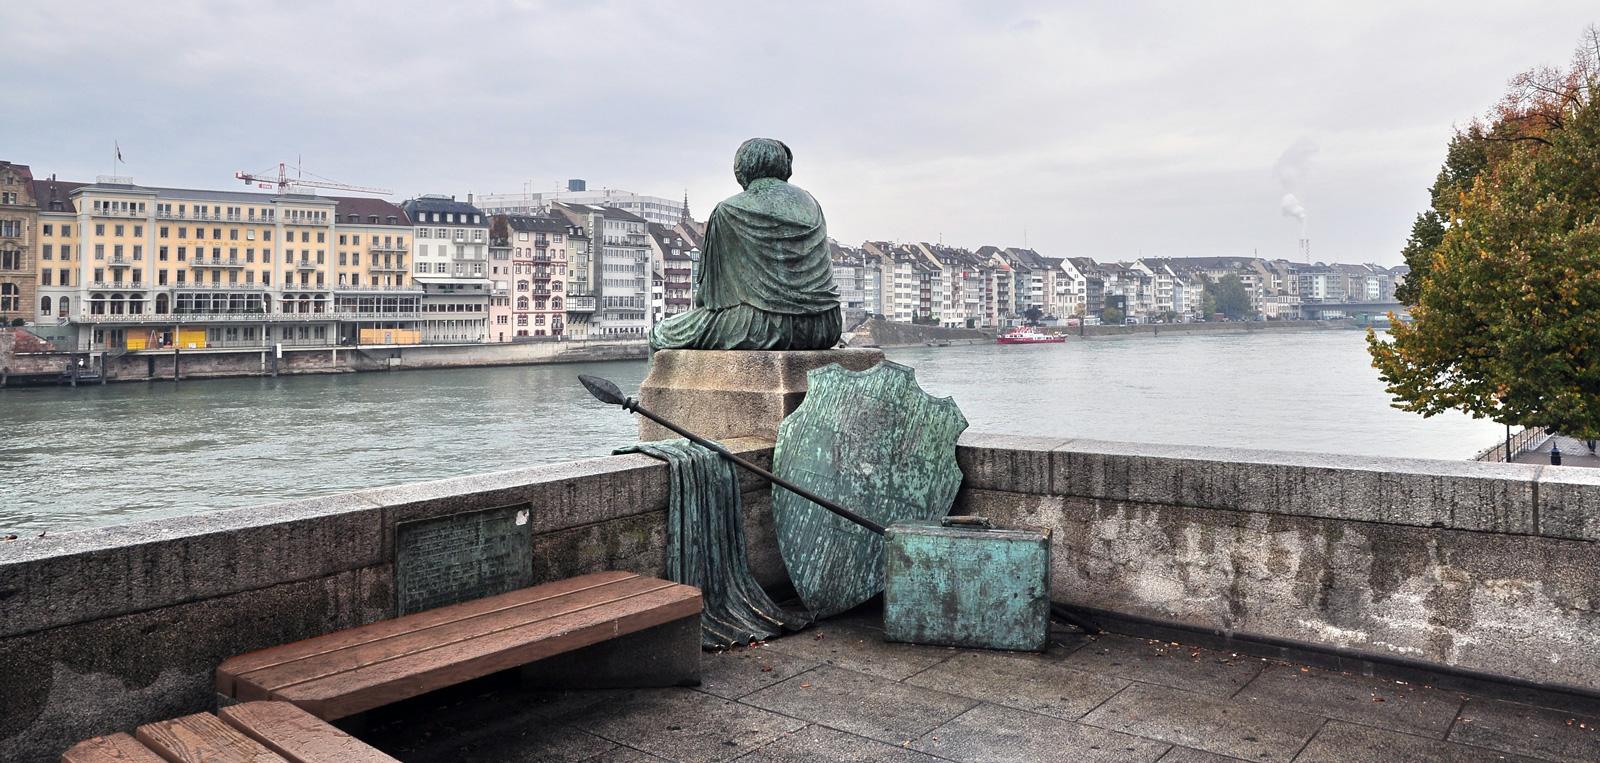 Seit 1980 ruht sich die «Helvetia» von Bettina Eichin am Rheinufer in Basel aus, am rechten Brückenkopf der Mittleren Brücke.